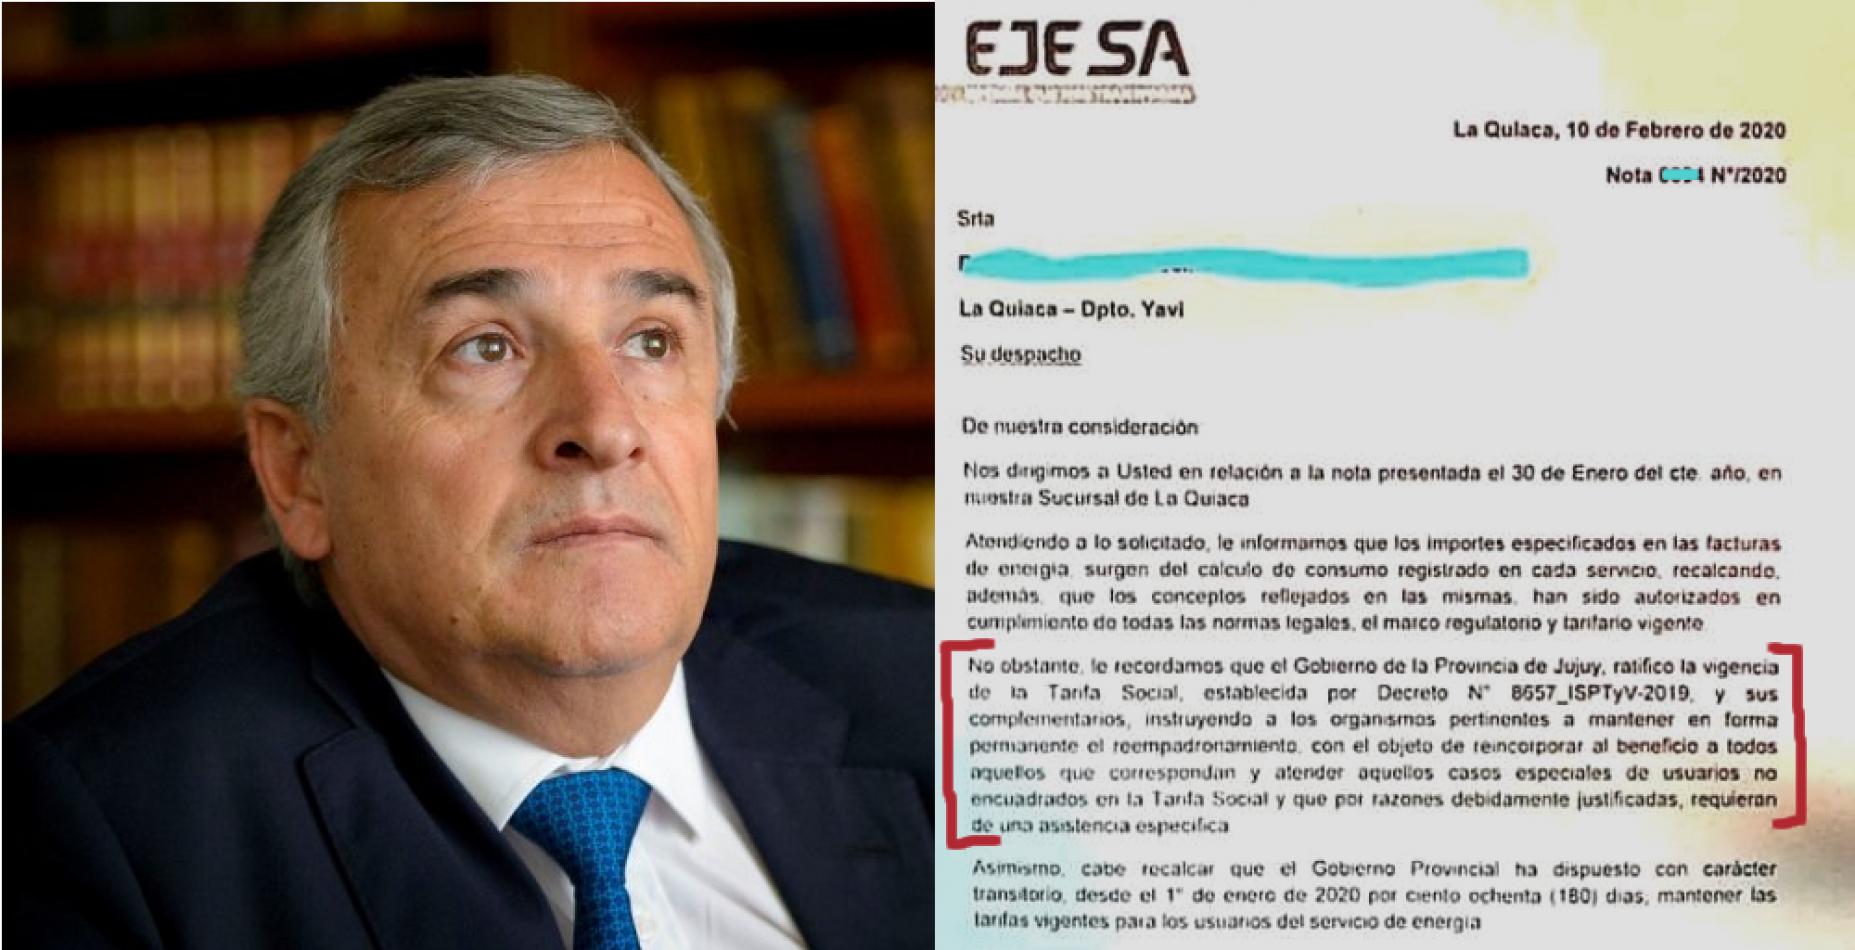 Tarifa Social: la excusa del gobierno de Morales y de EJESA para no retrotraer las tarifas